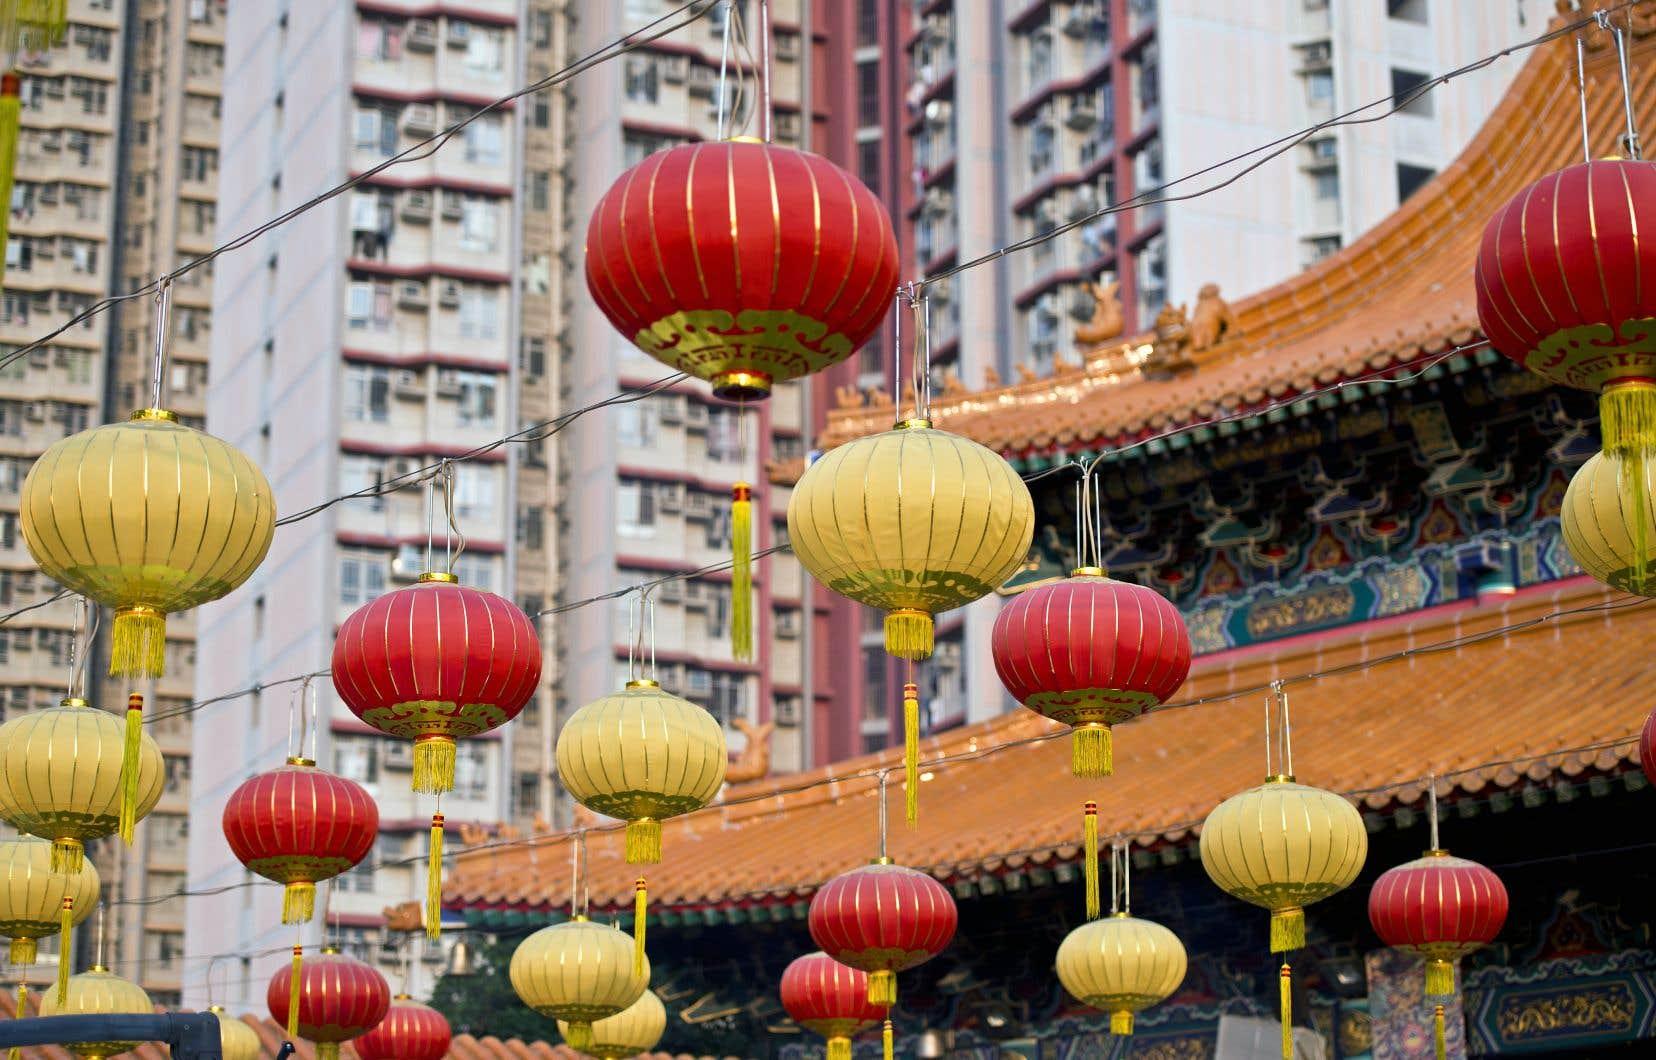 Lanternes devant le temple taoiste de Wong Tai Sin, à Hong Kong